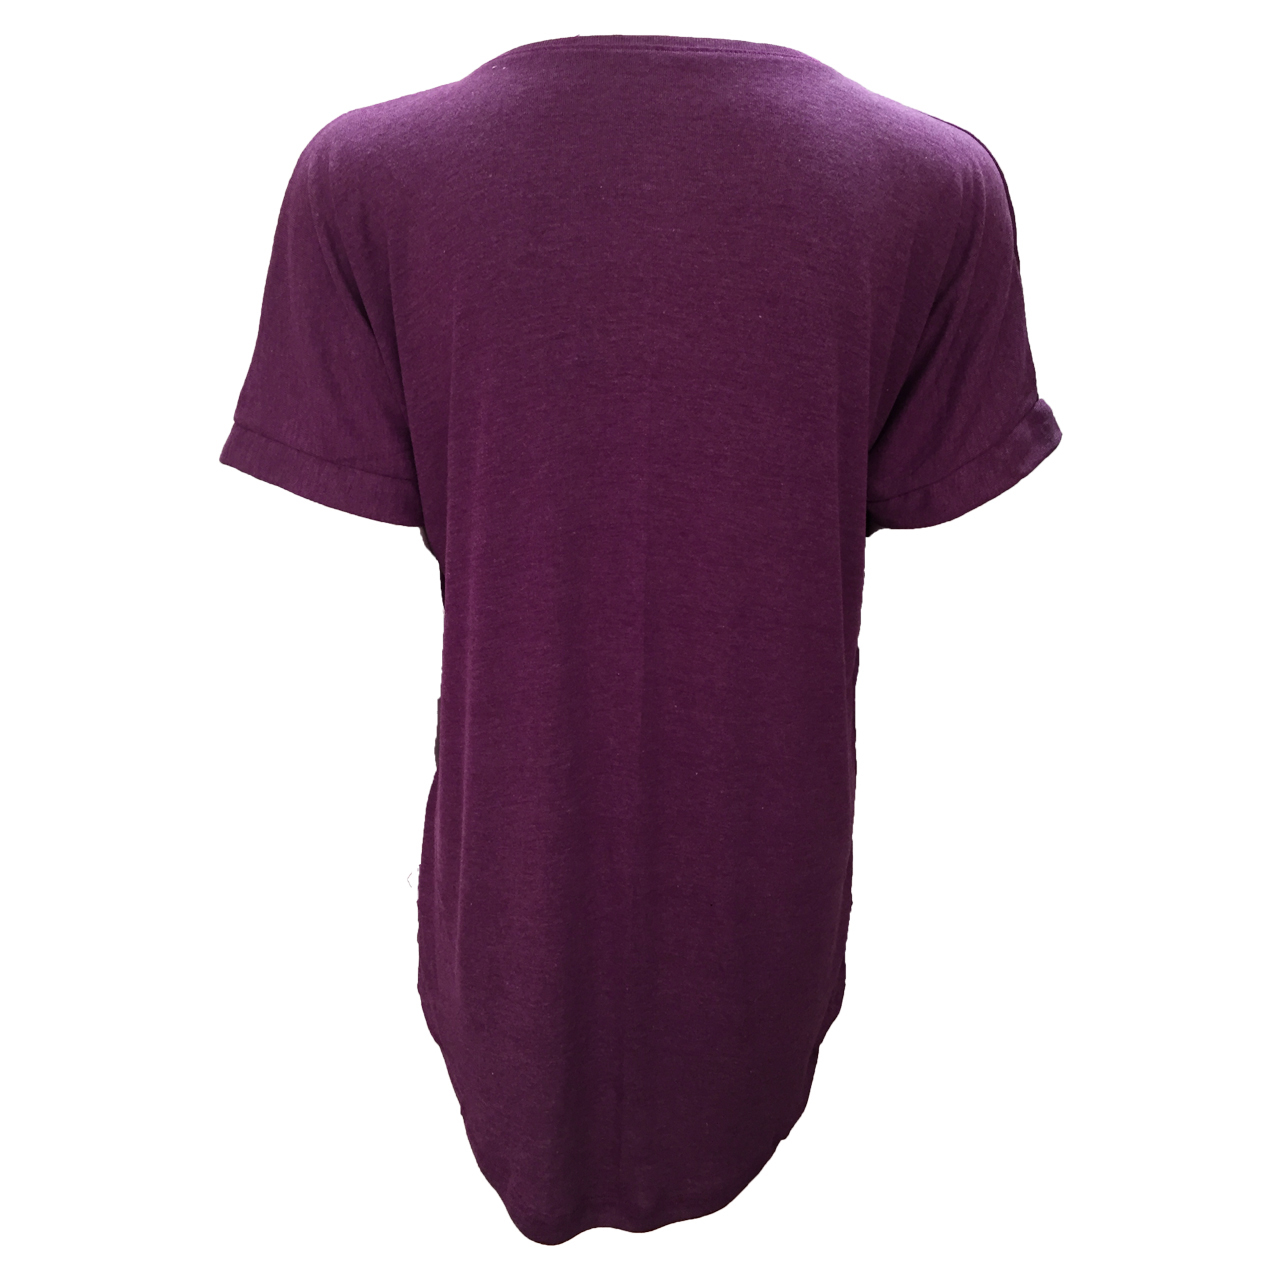 تی شرت آستین کوتاه زنانه مدل WATERFALL کد tms-853 رنگ بنفش